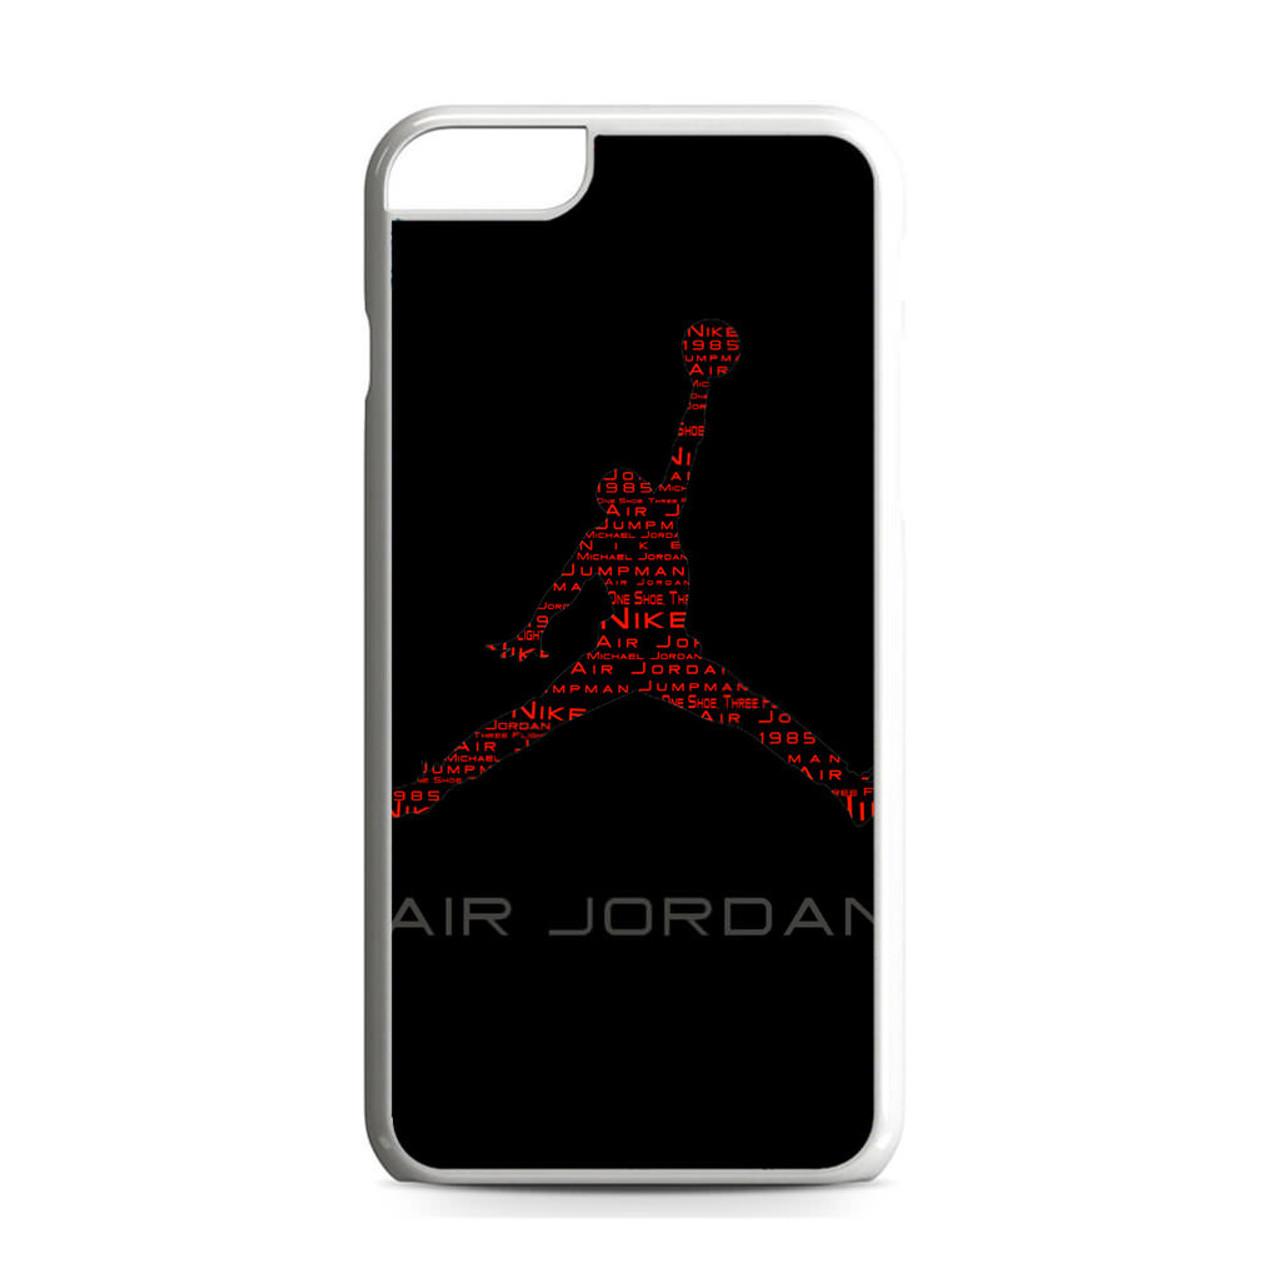 air jordan phone 6